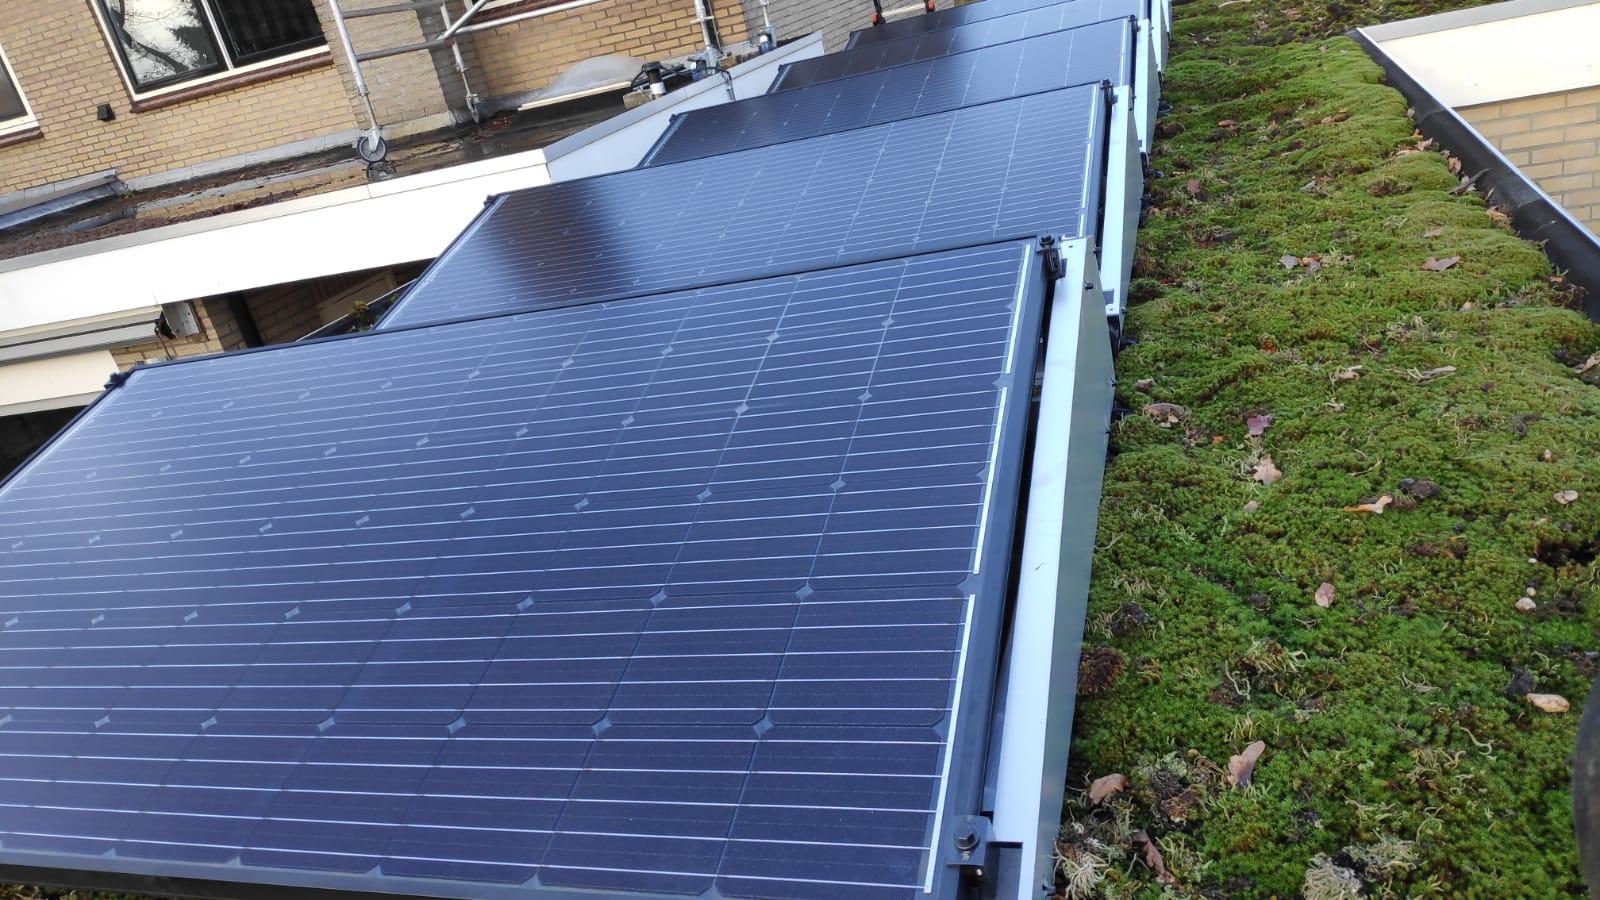 Solarwatt glas glas zonnepanelen Zuidwolde